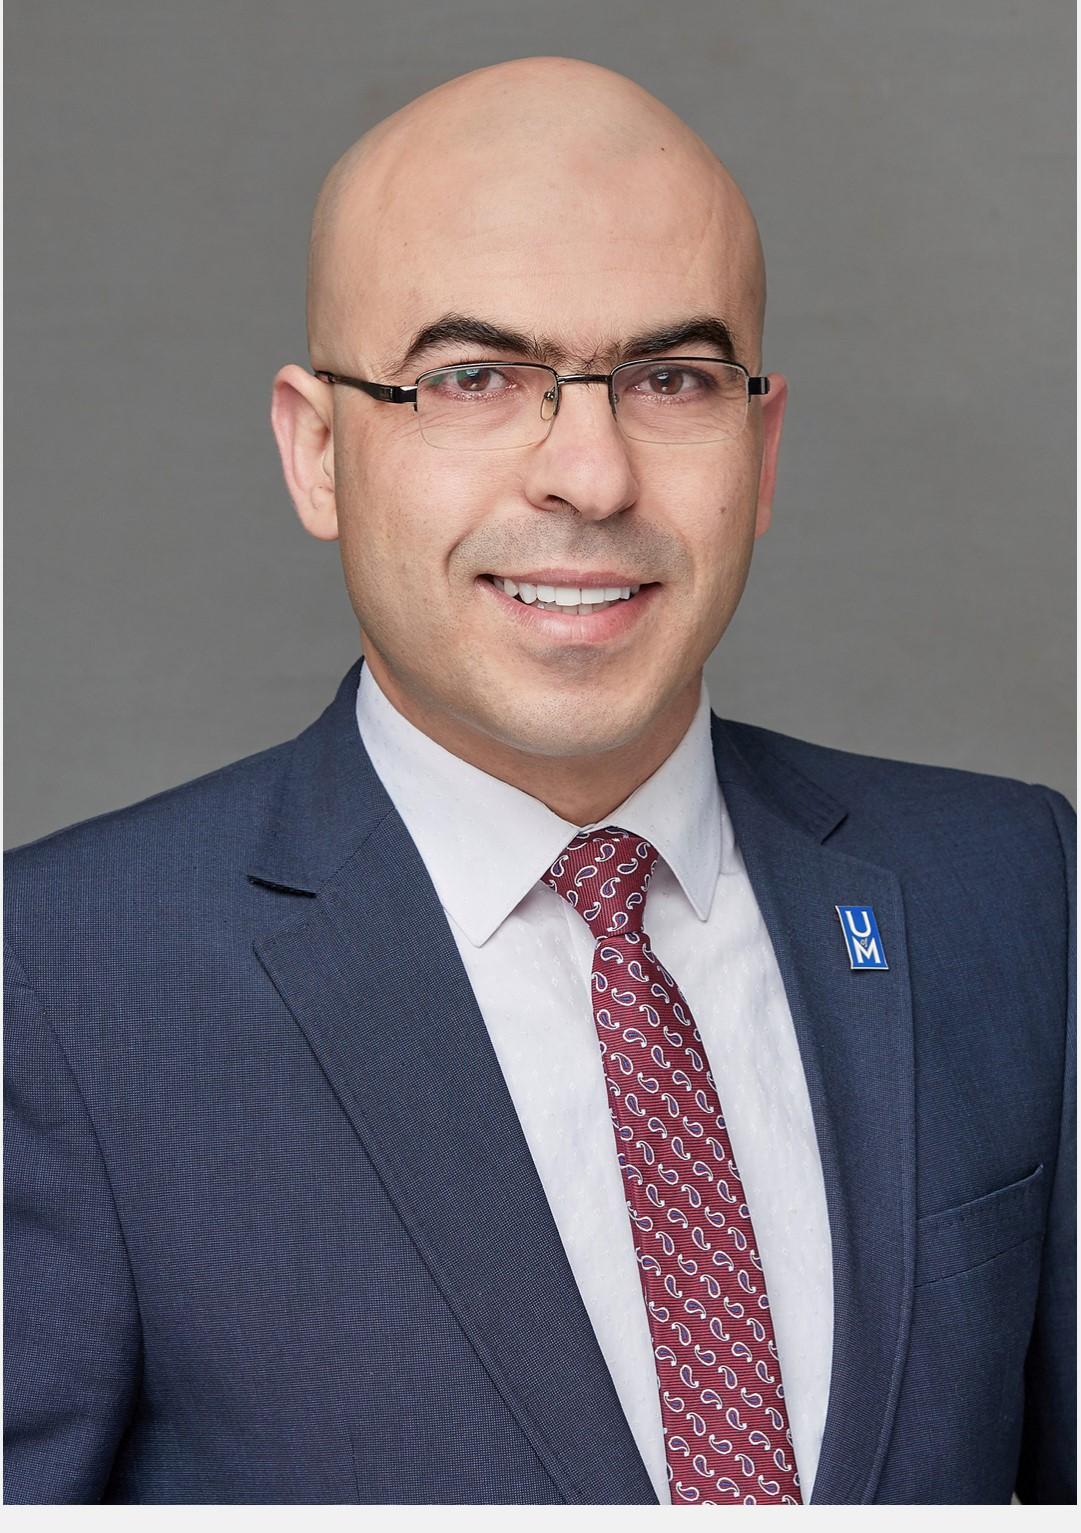 Ibrahim Aldasoqi